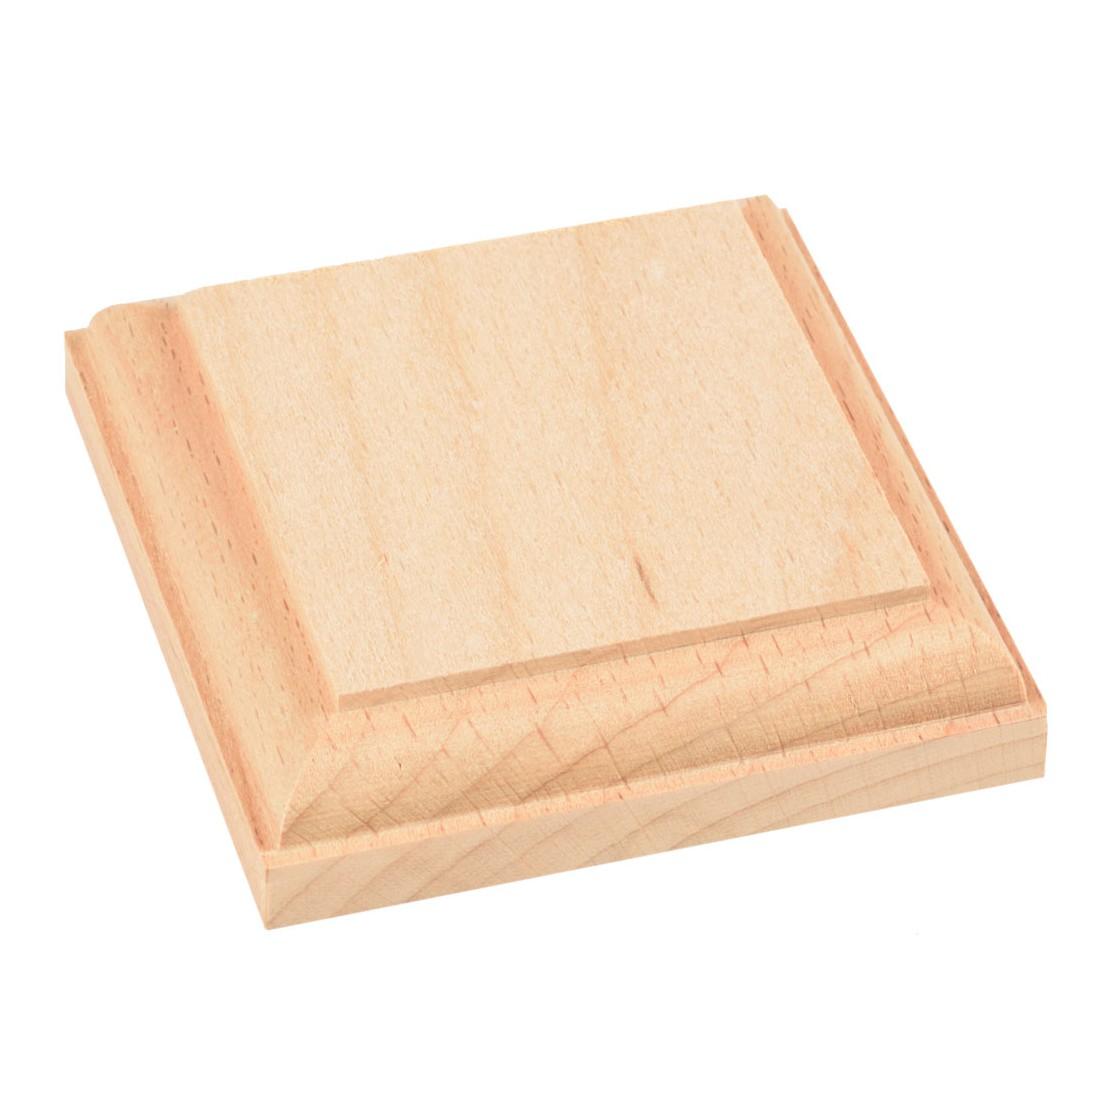 Base de madera natural mm.80x80